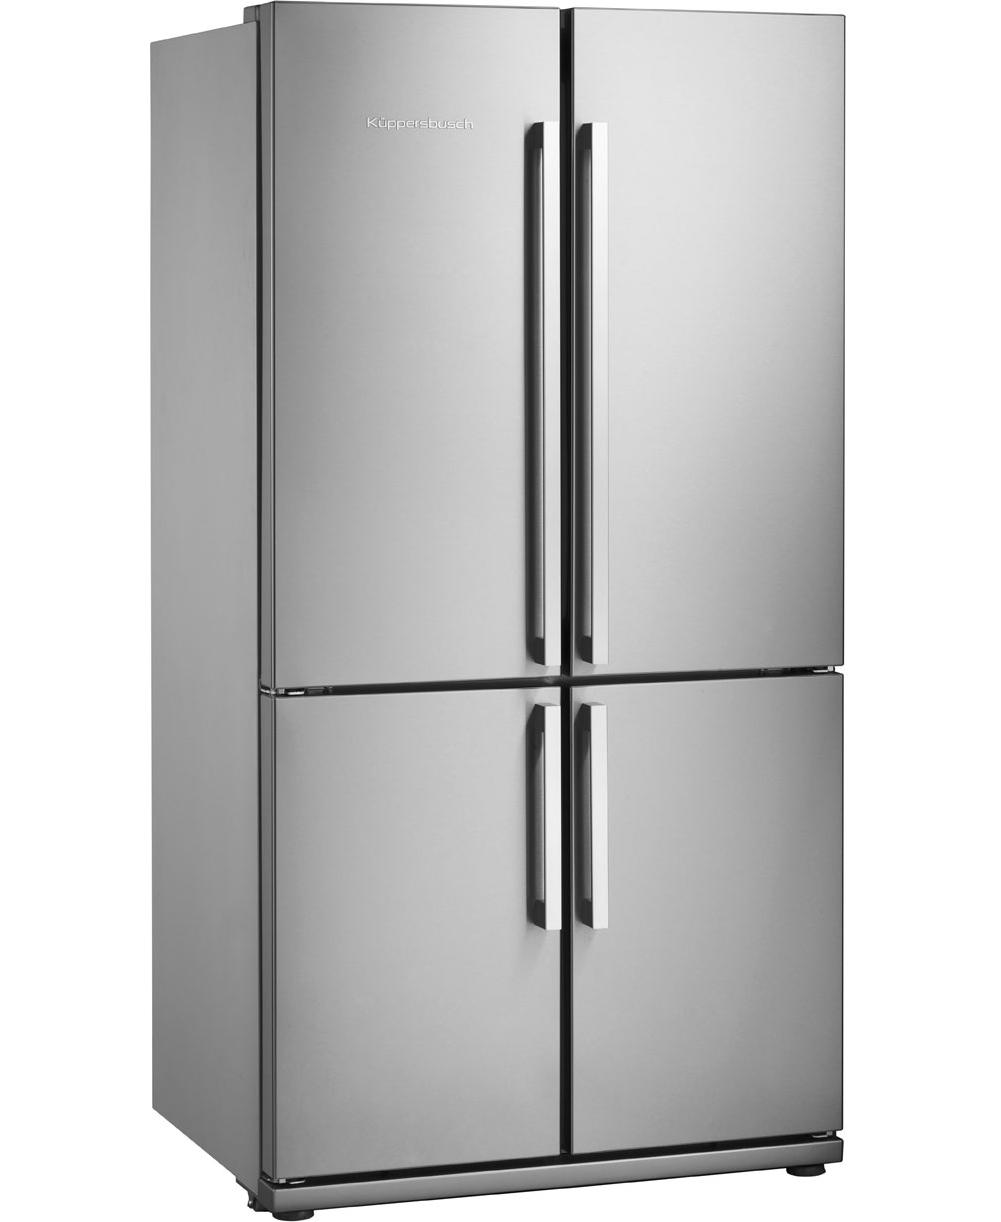 Kupperbusch KE9800-0-4T 4-deurs koelkast